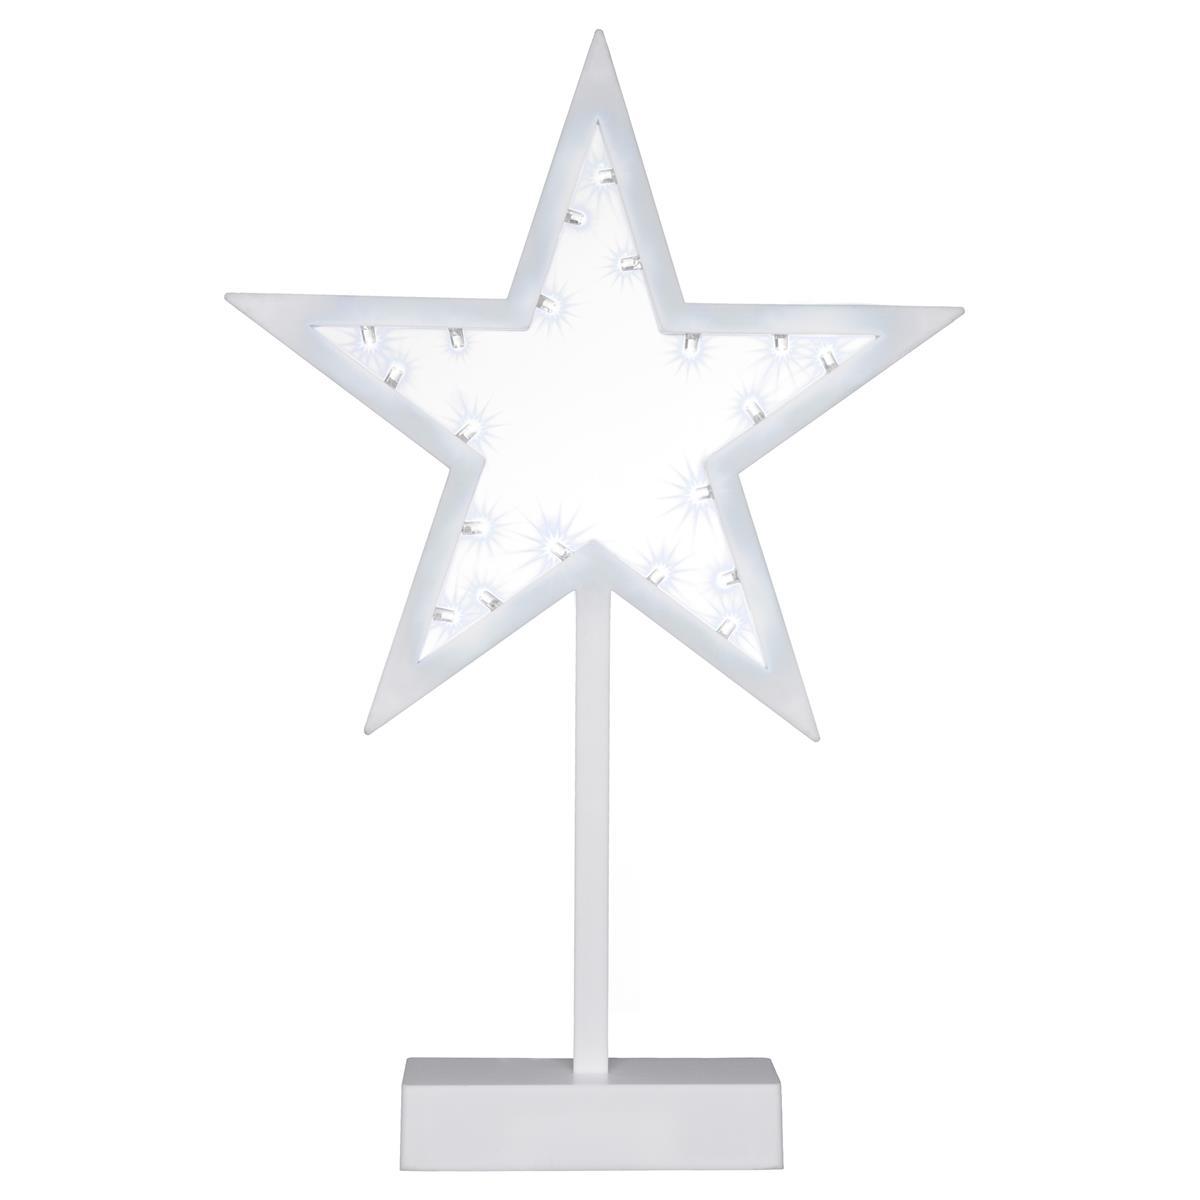 Lichterstern 20 Stern Weiß Led Dekoleuchte Dekostern Weihnachtsstern A4Rj3qL5